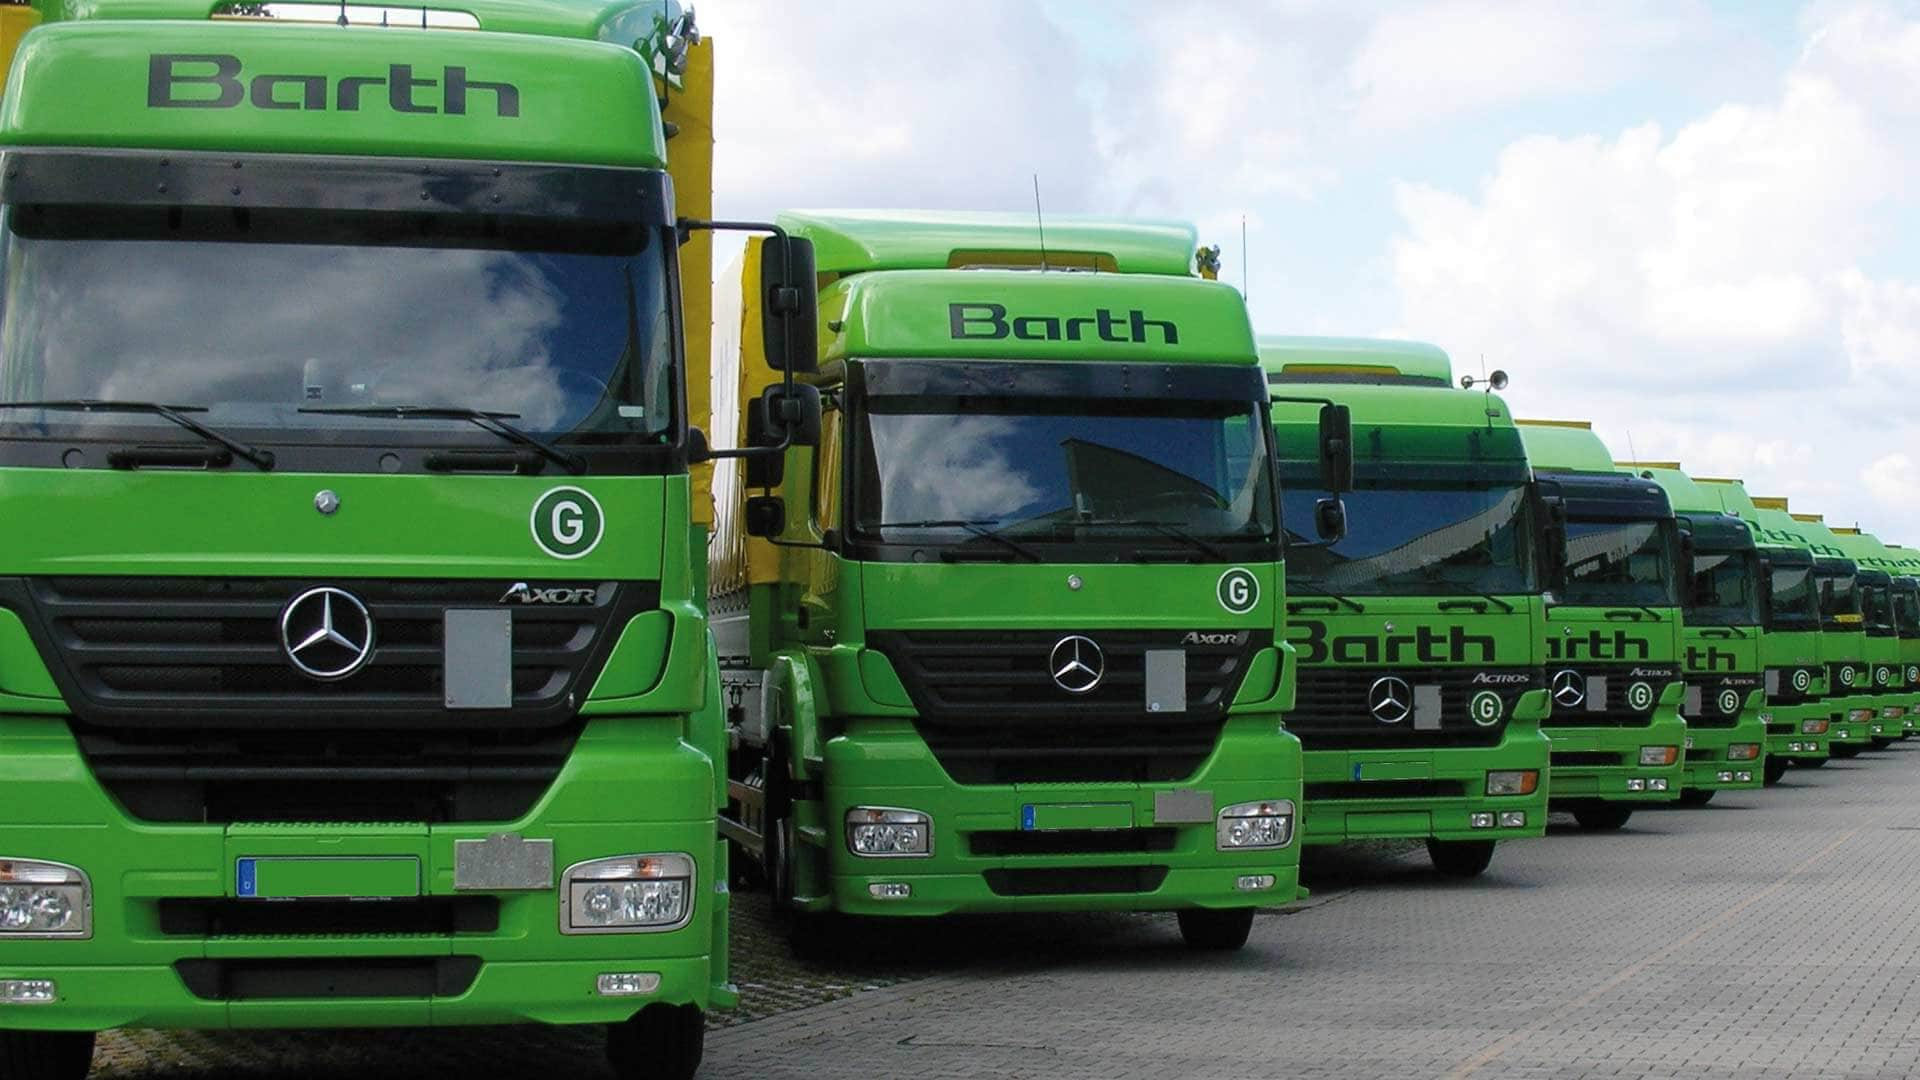 SCHLAGKRÄFTIG:Die gesamte LKW-Flotte der Gustav Barth GmbH besteht derzeit aus 32 Fahrzeugen und bringt die Produkte ordentlich, pünktlich, schnell und flächendeckend zu den Kunden.